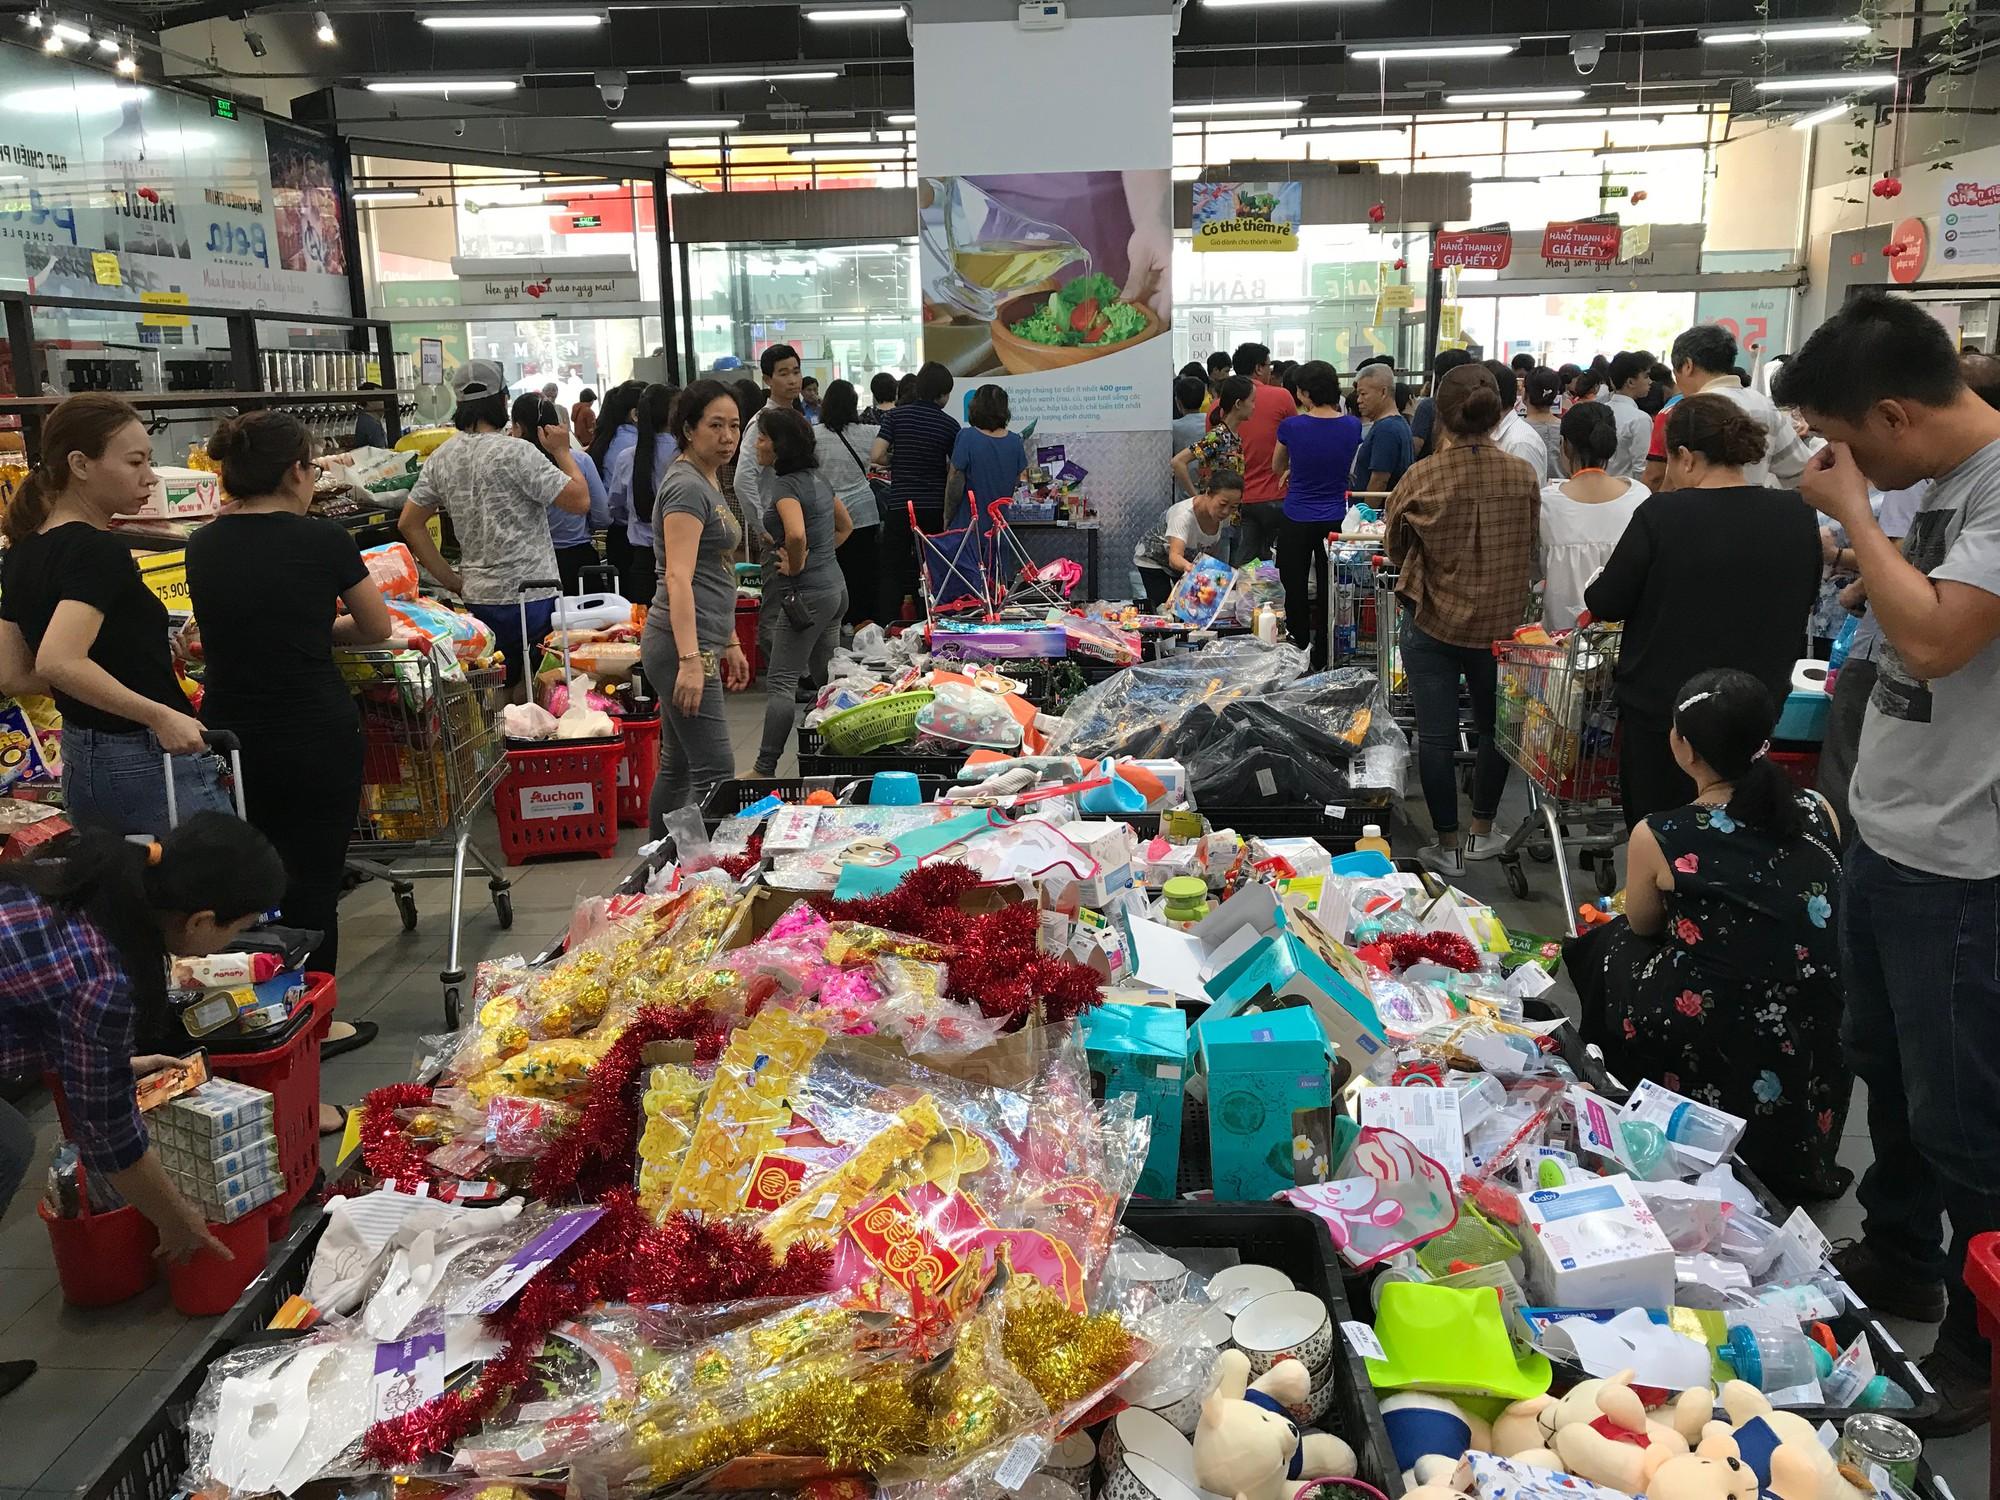 Tranh vét siêu thị Auchan trước ngày đóng cửa, người dùng Việt xấu xí vứt hàng bừa bãi, ăn bánh, uống nước không trả tiền  - Ảnh 1.